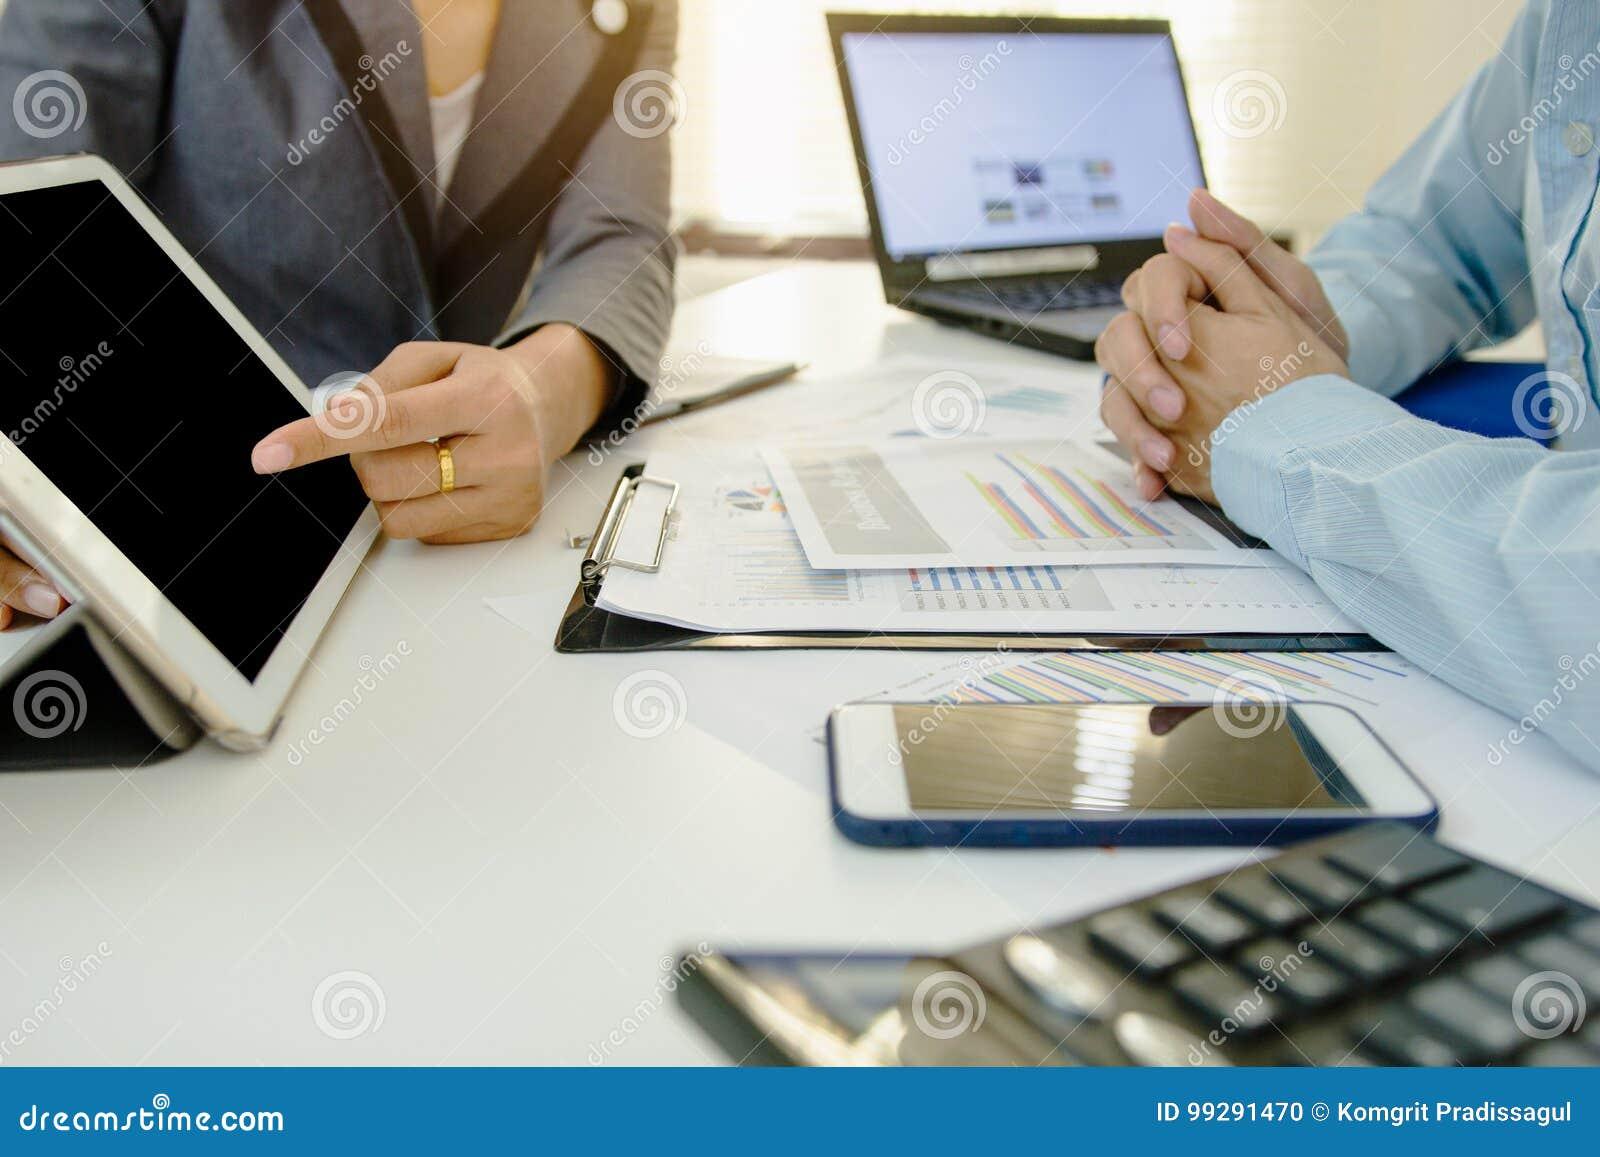 Coworking的事务 年轻帐户经理乘员组与项目一起使用